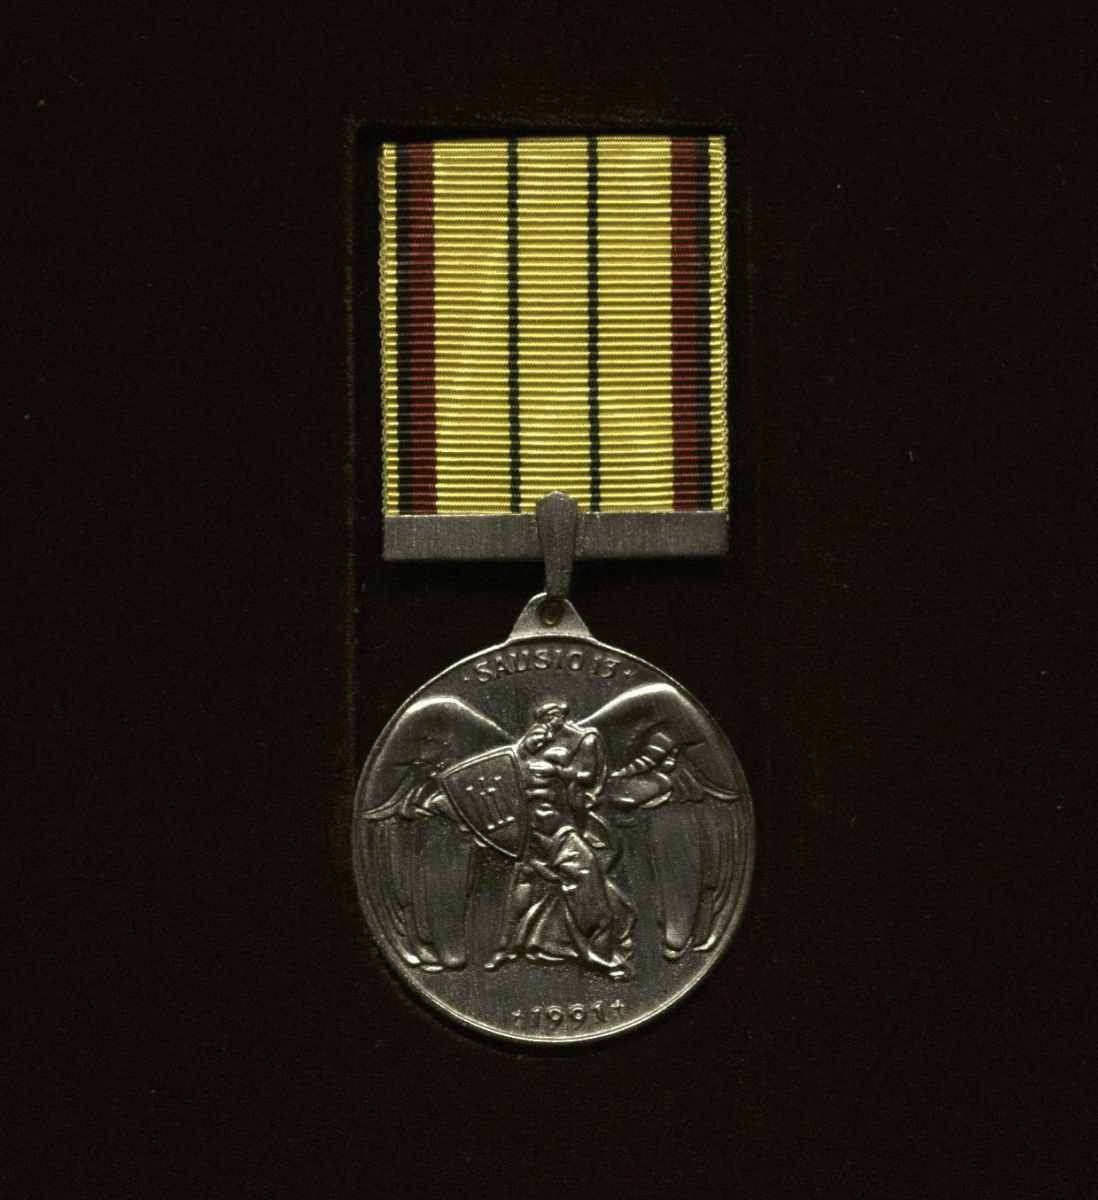 medalis.jpg